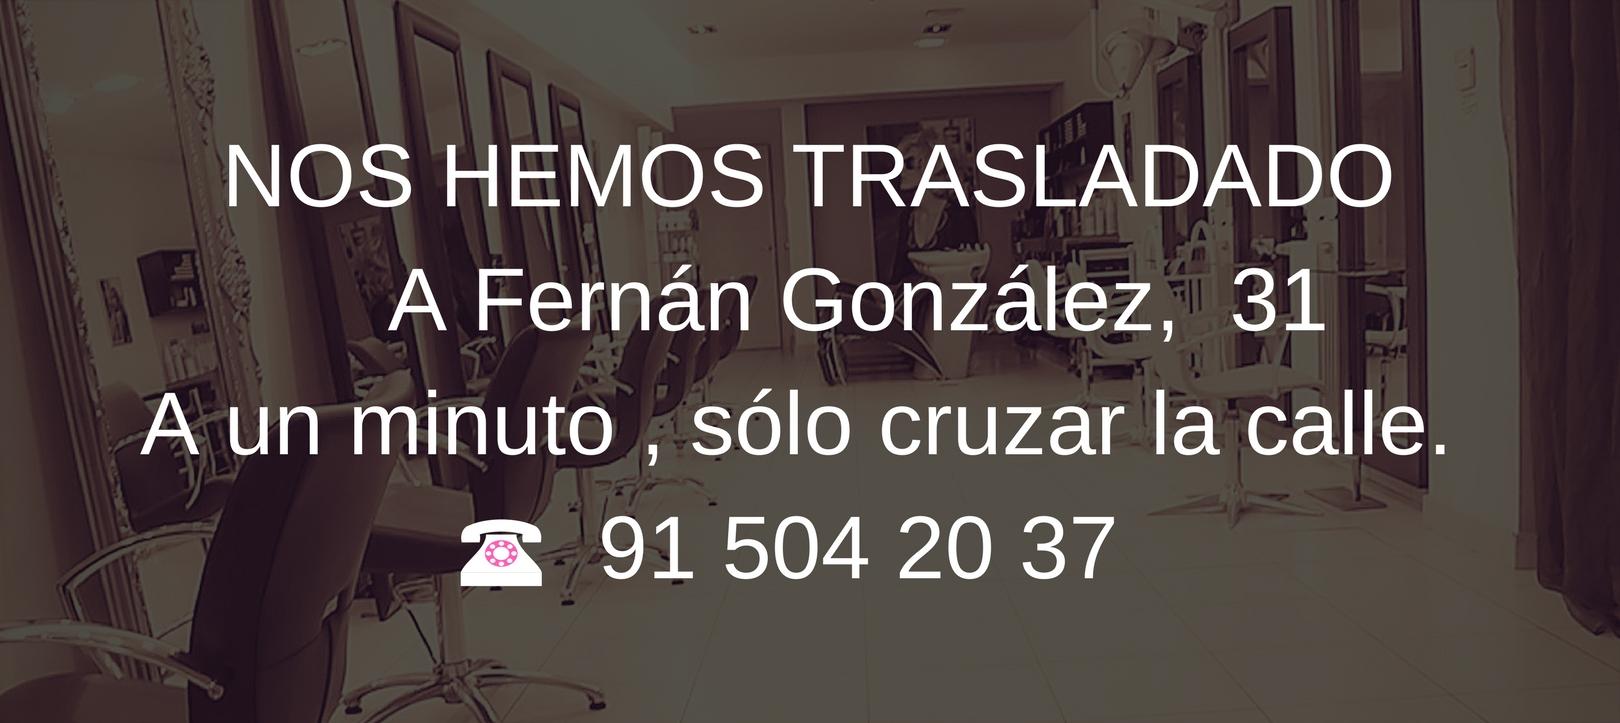 NOS HEMOS TRASLADADO A Fernan Gonzalez 31 A un minuto , solo cruzar la calle. Tel, 91 504 20 37